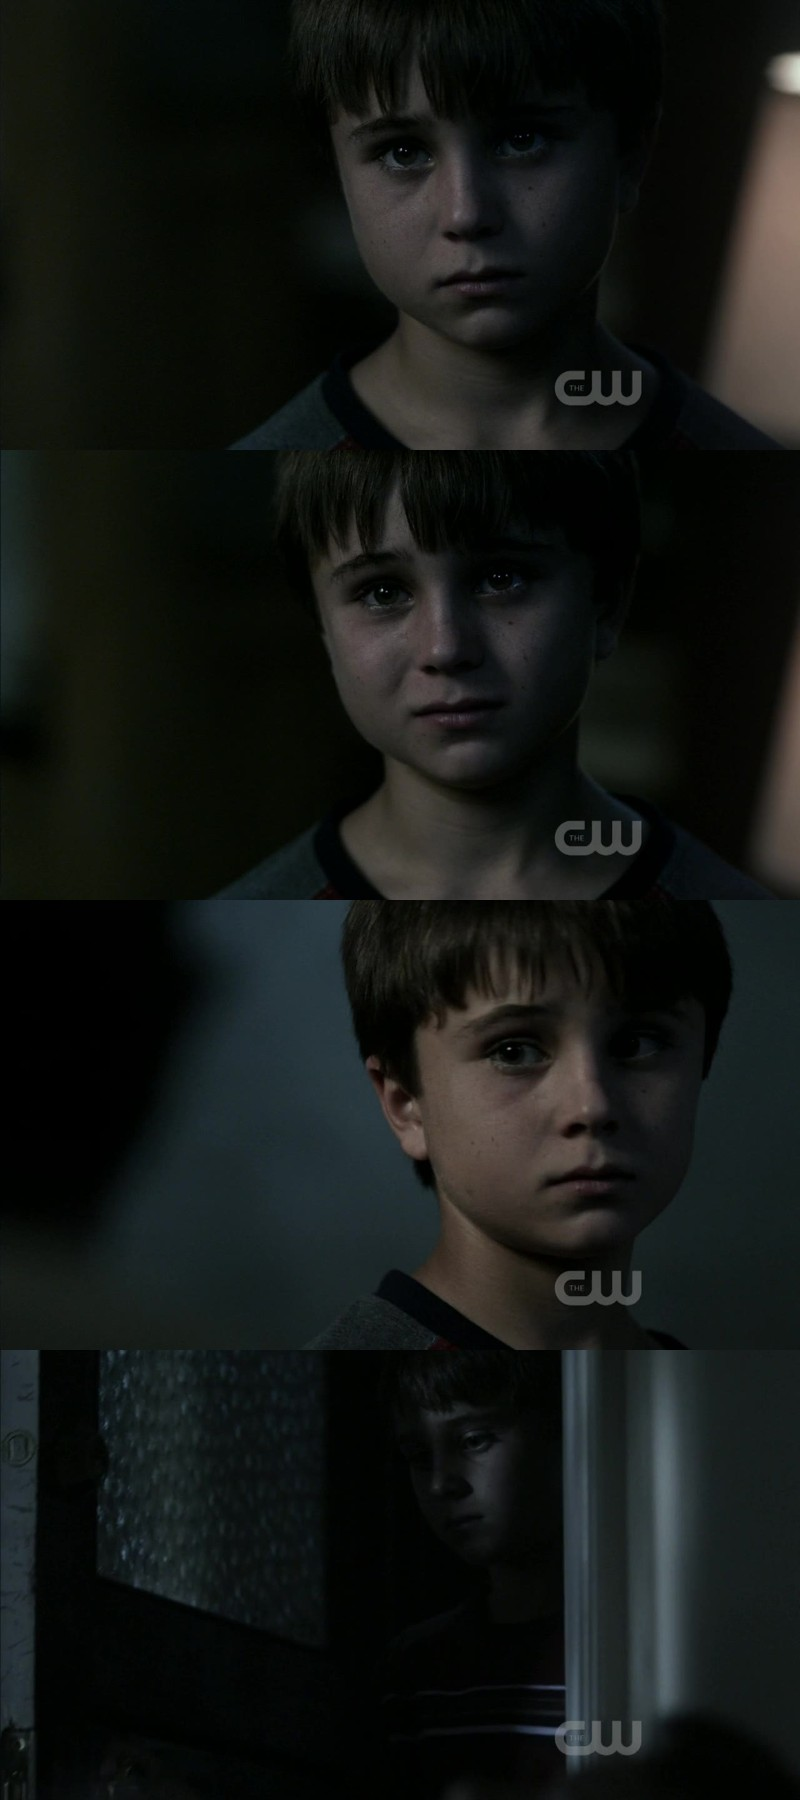 Poor boy. 😥